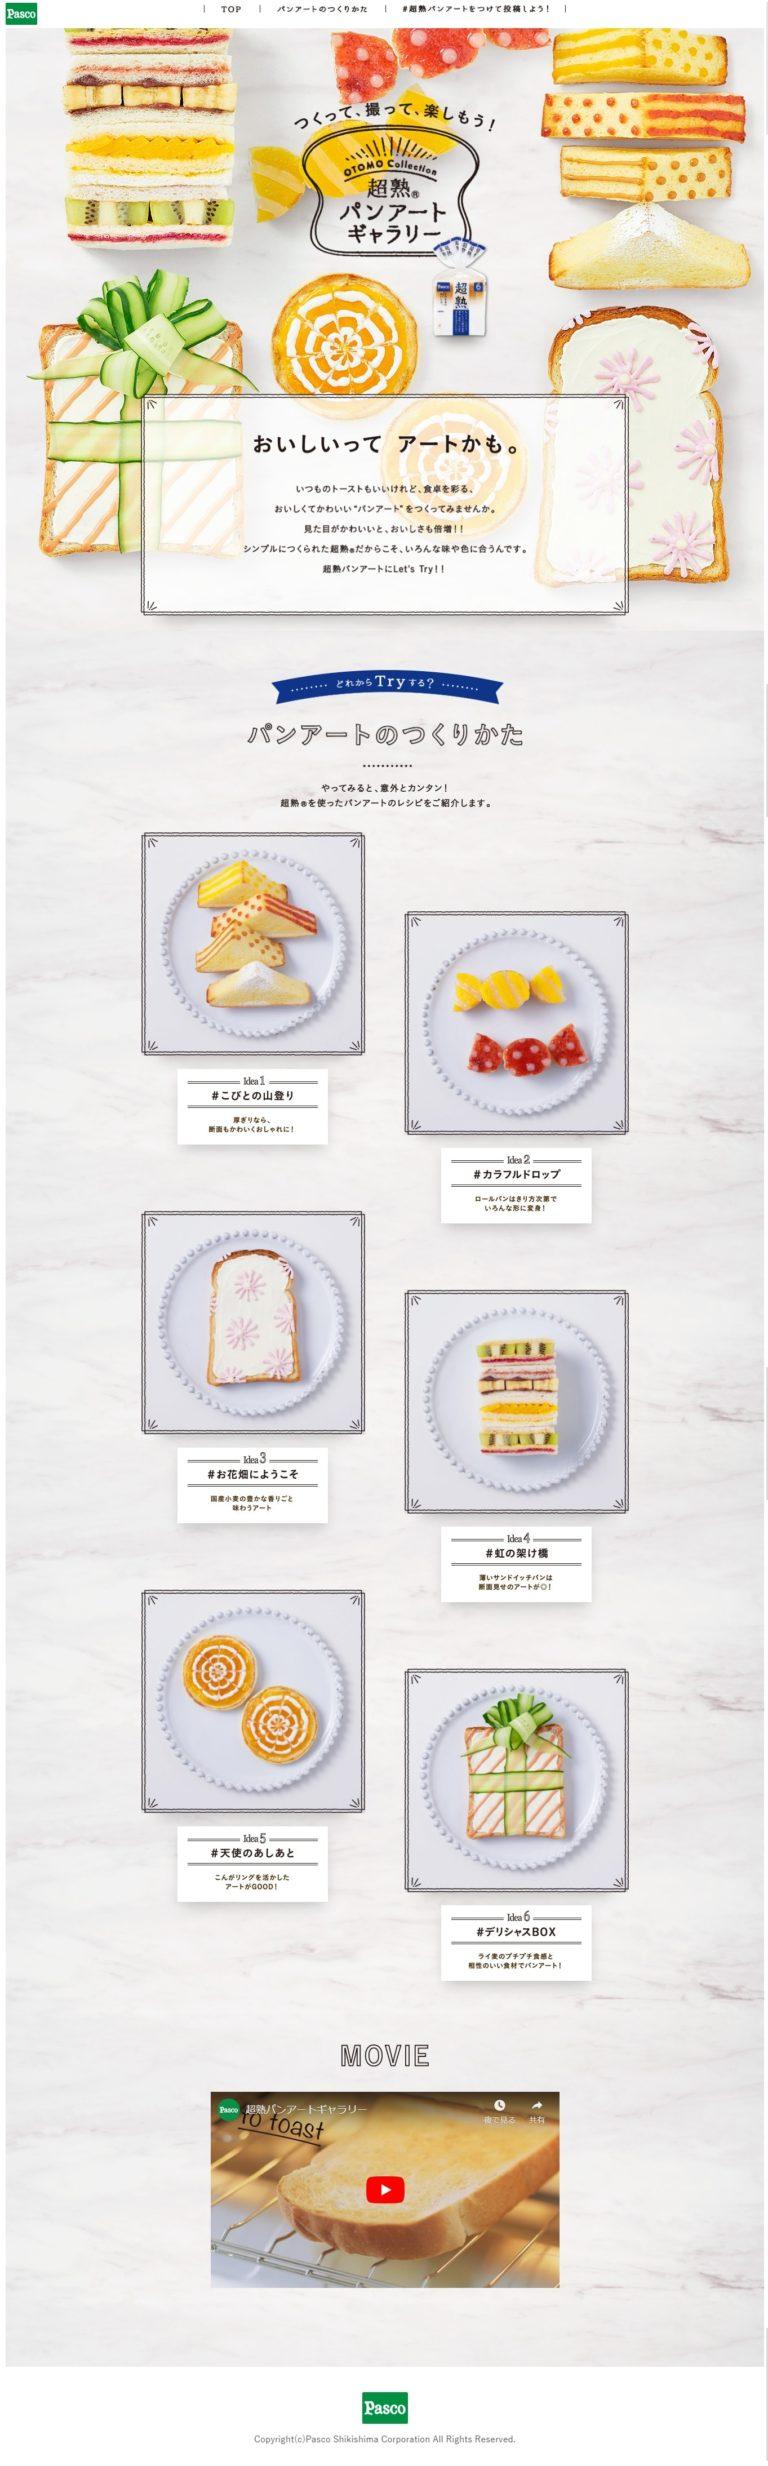 超熟パンアートギャラリー|Pasco